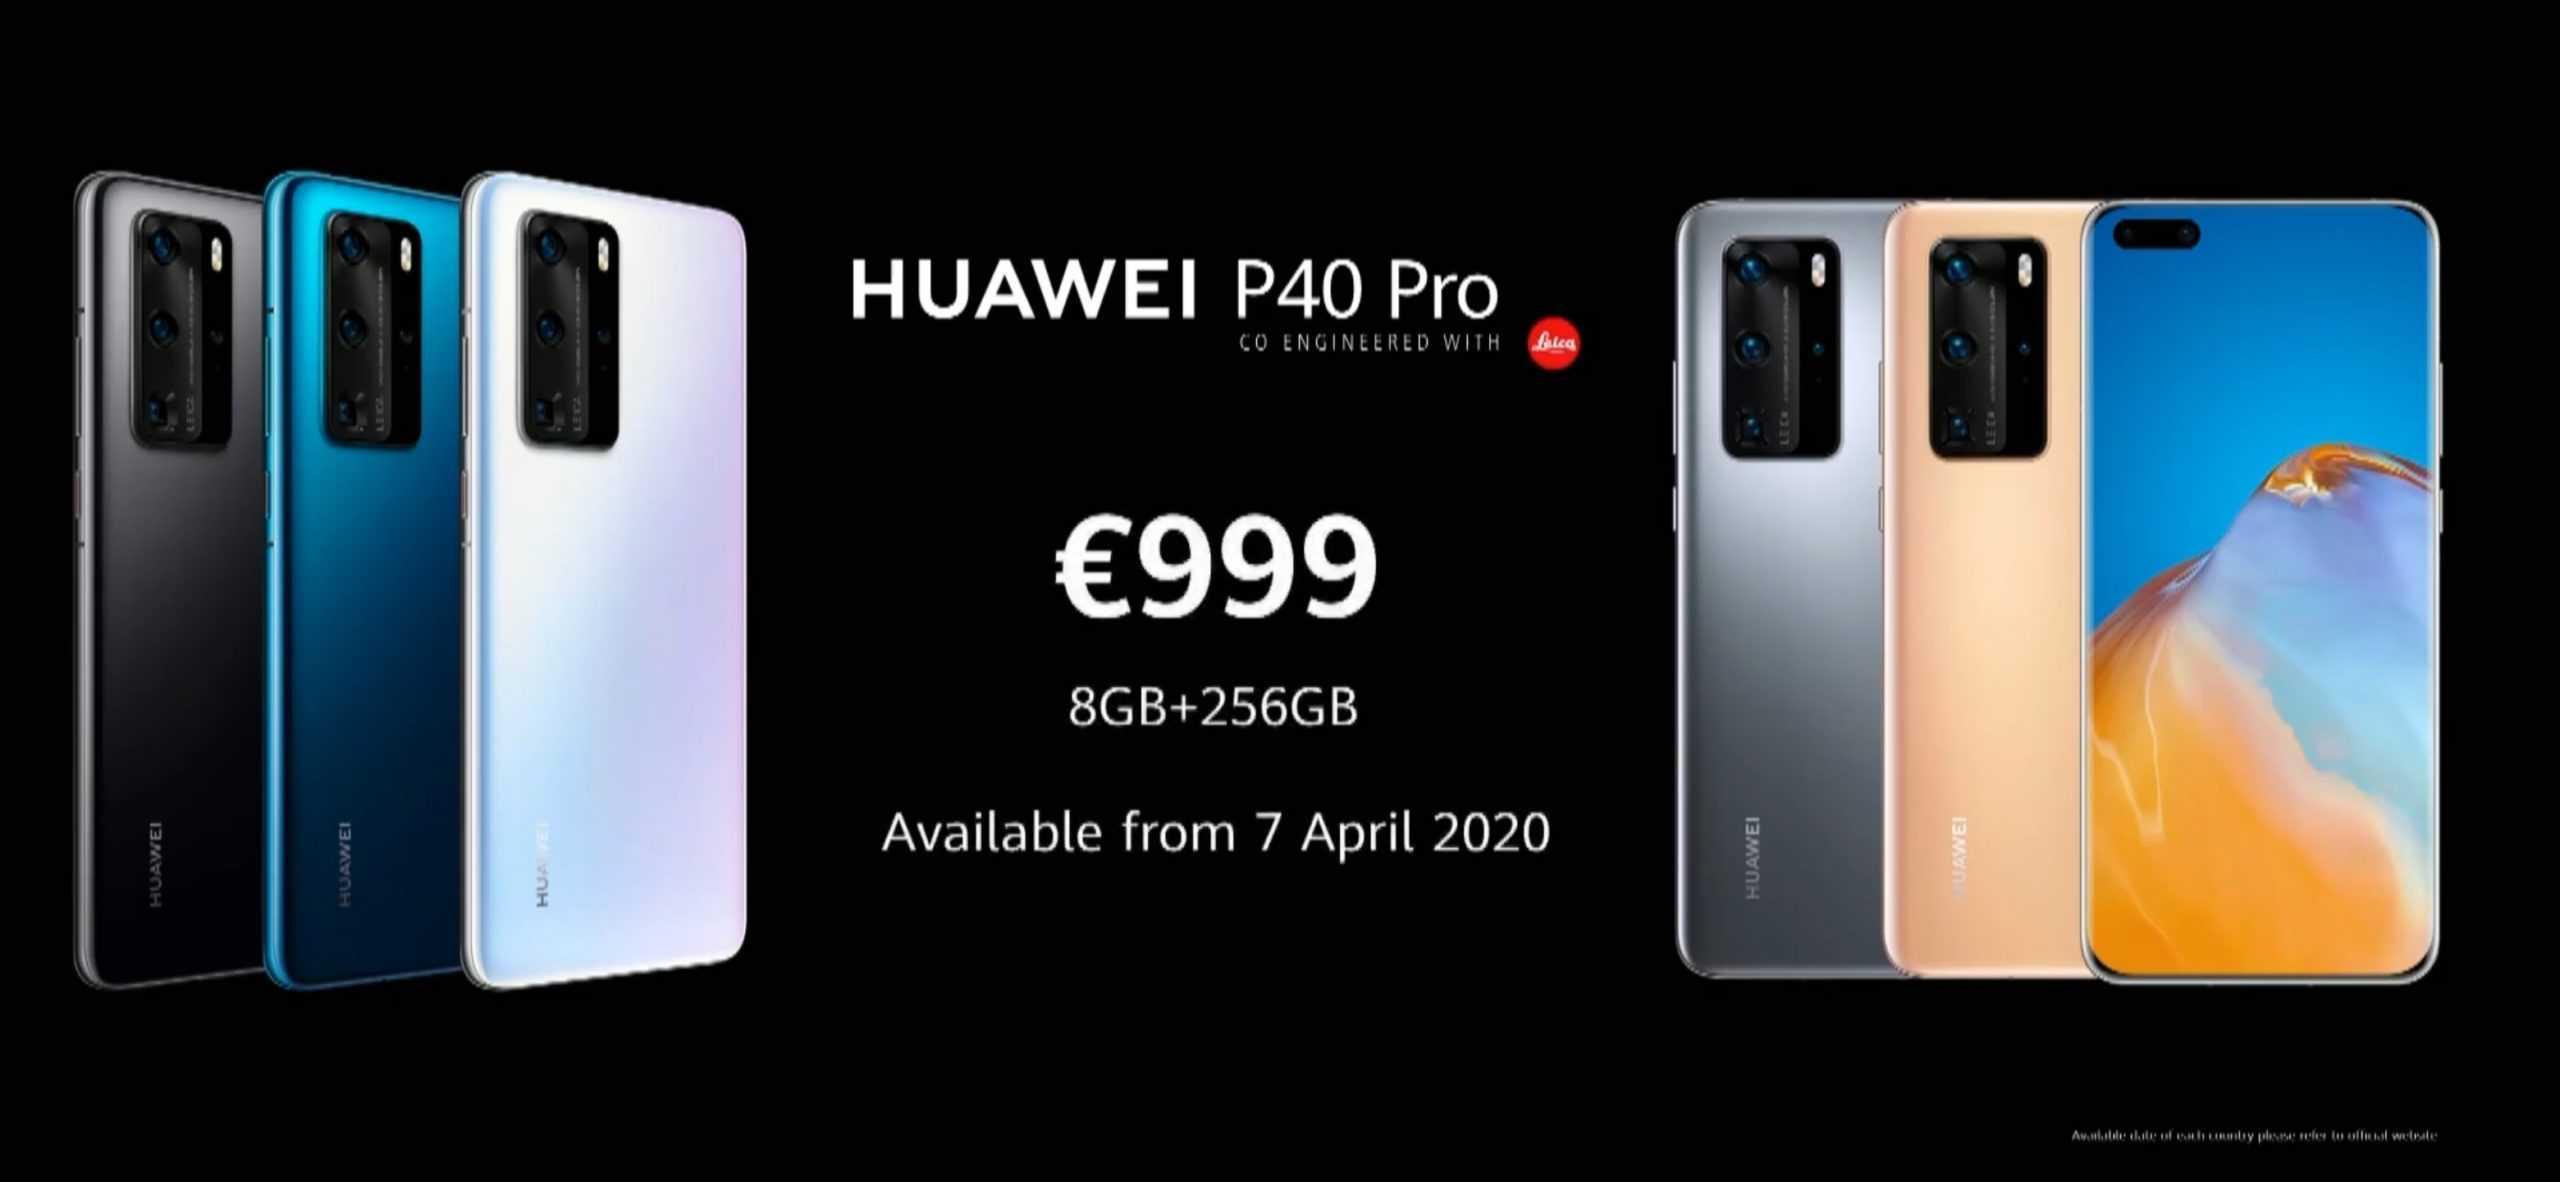 Huawei P40 Pro pricing